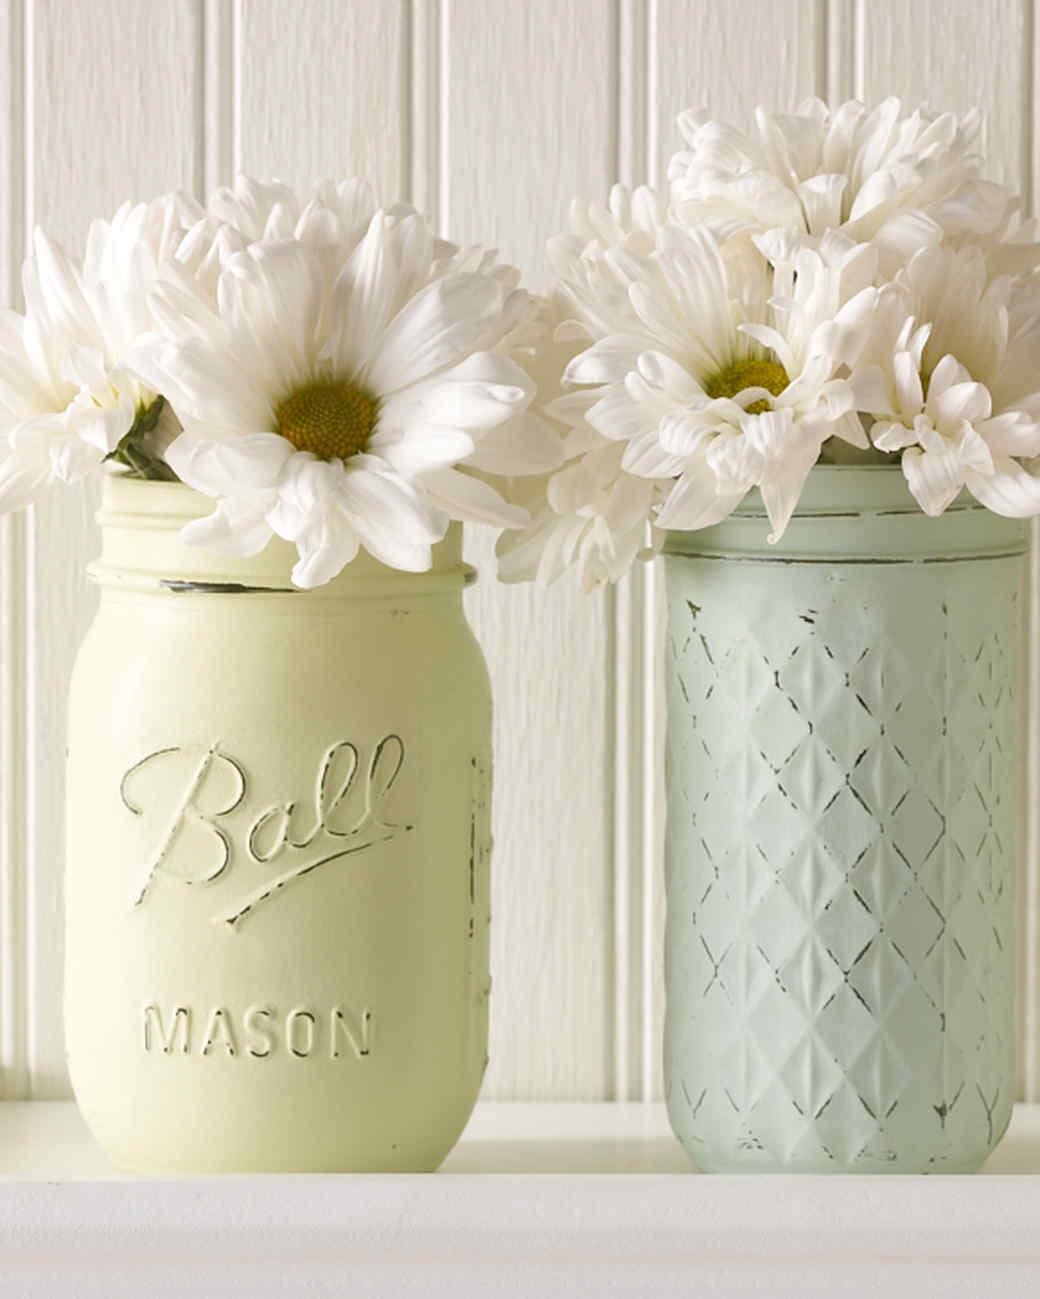 Mason Jars Turned Vintage Decor Vases